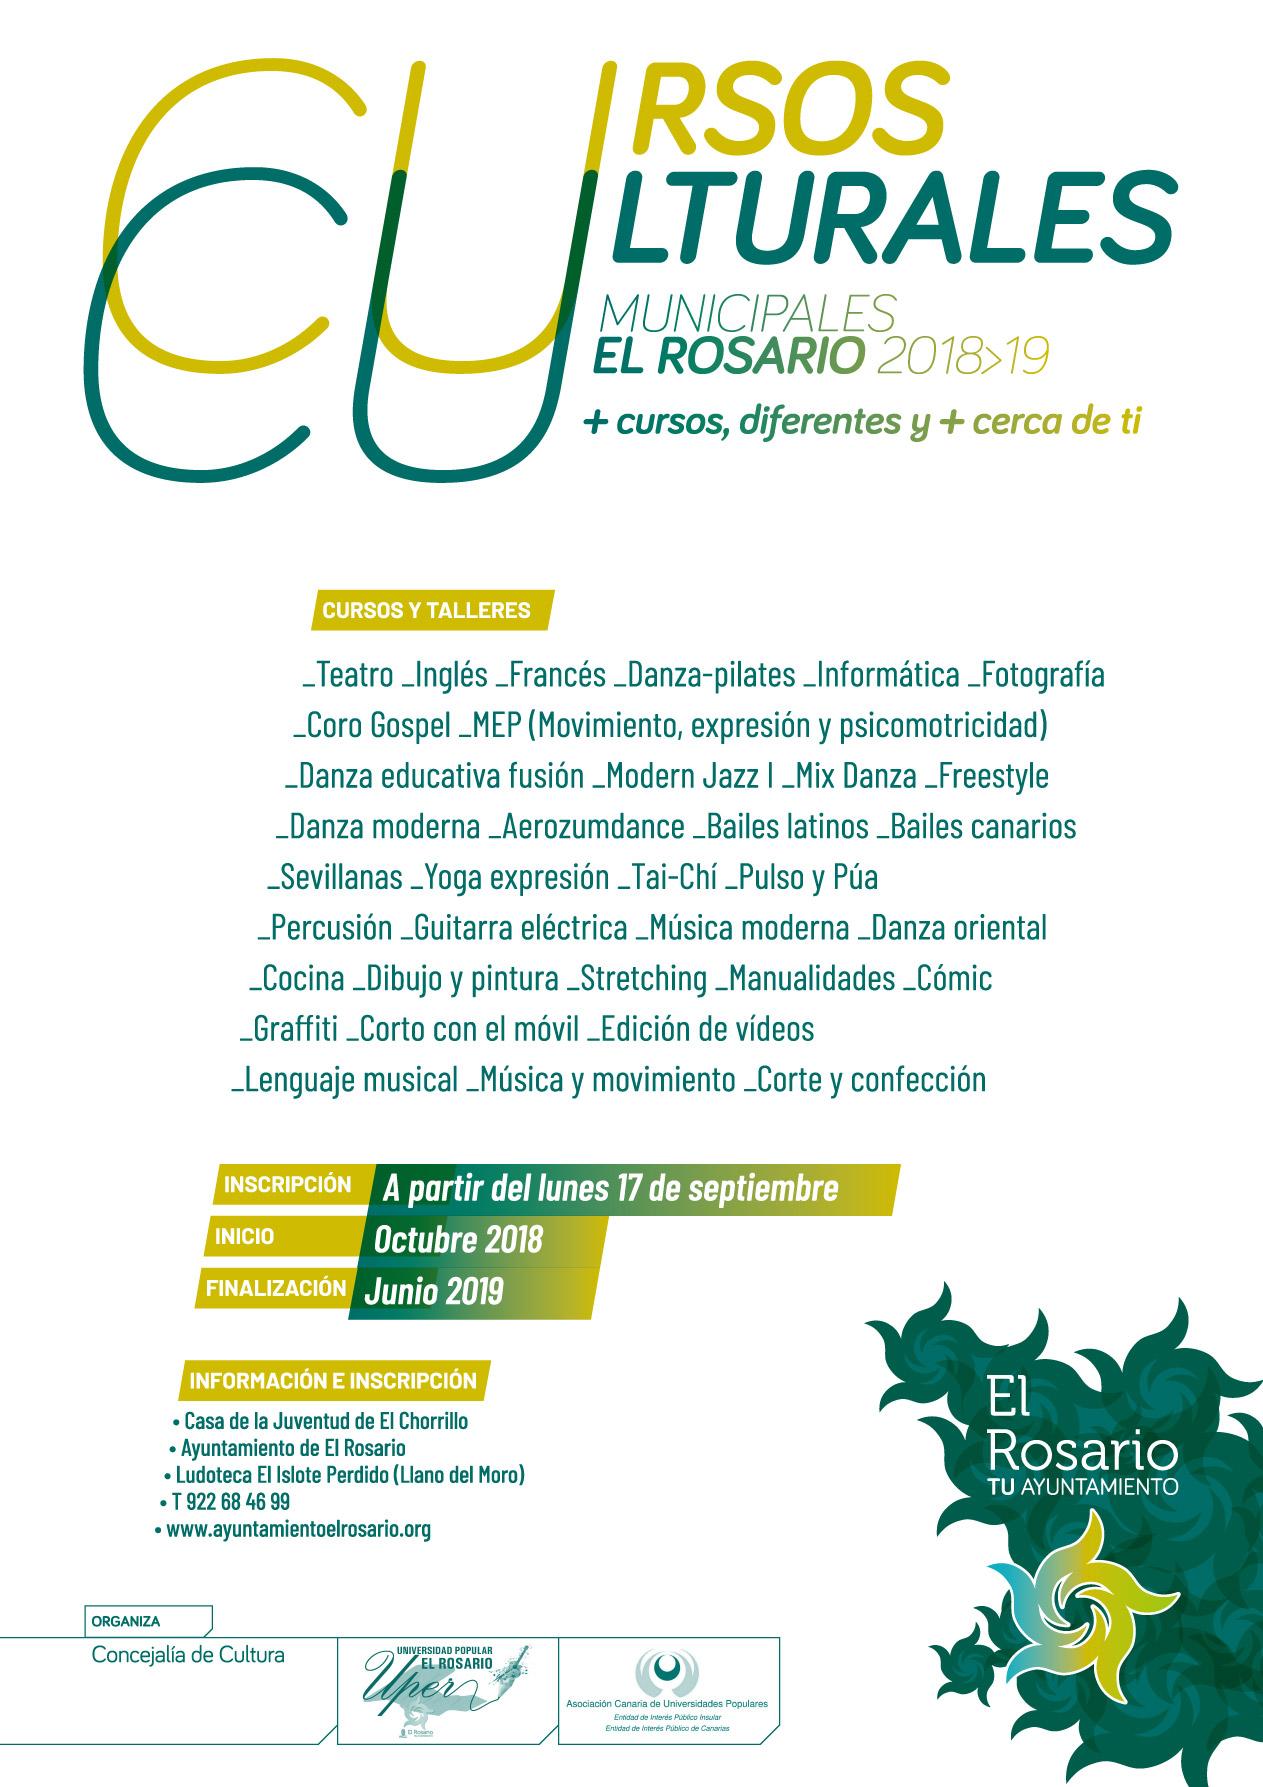 CURSOS_CULTURALES_2018-19-20180917-CARTEL_A3-20180917-01af-redes